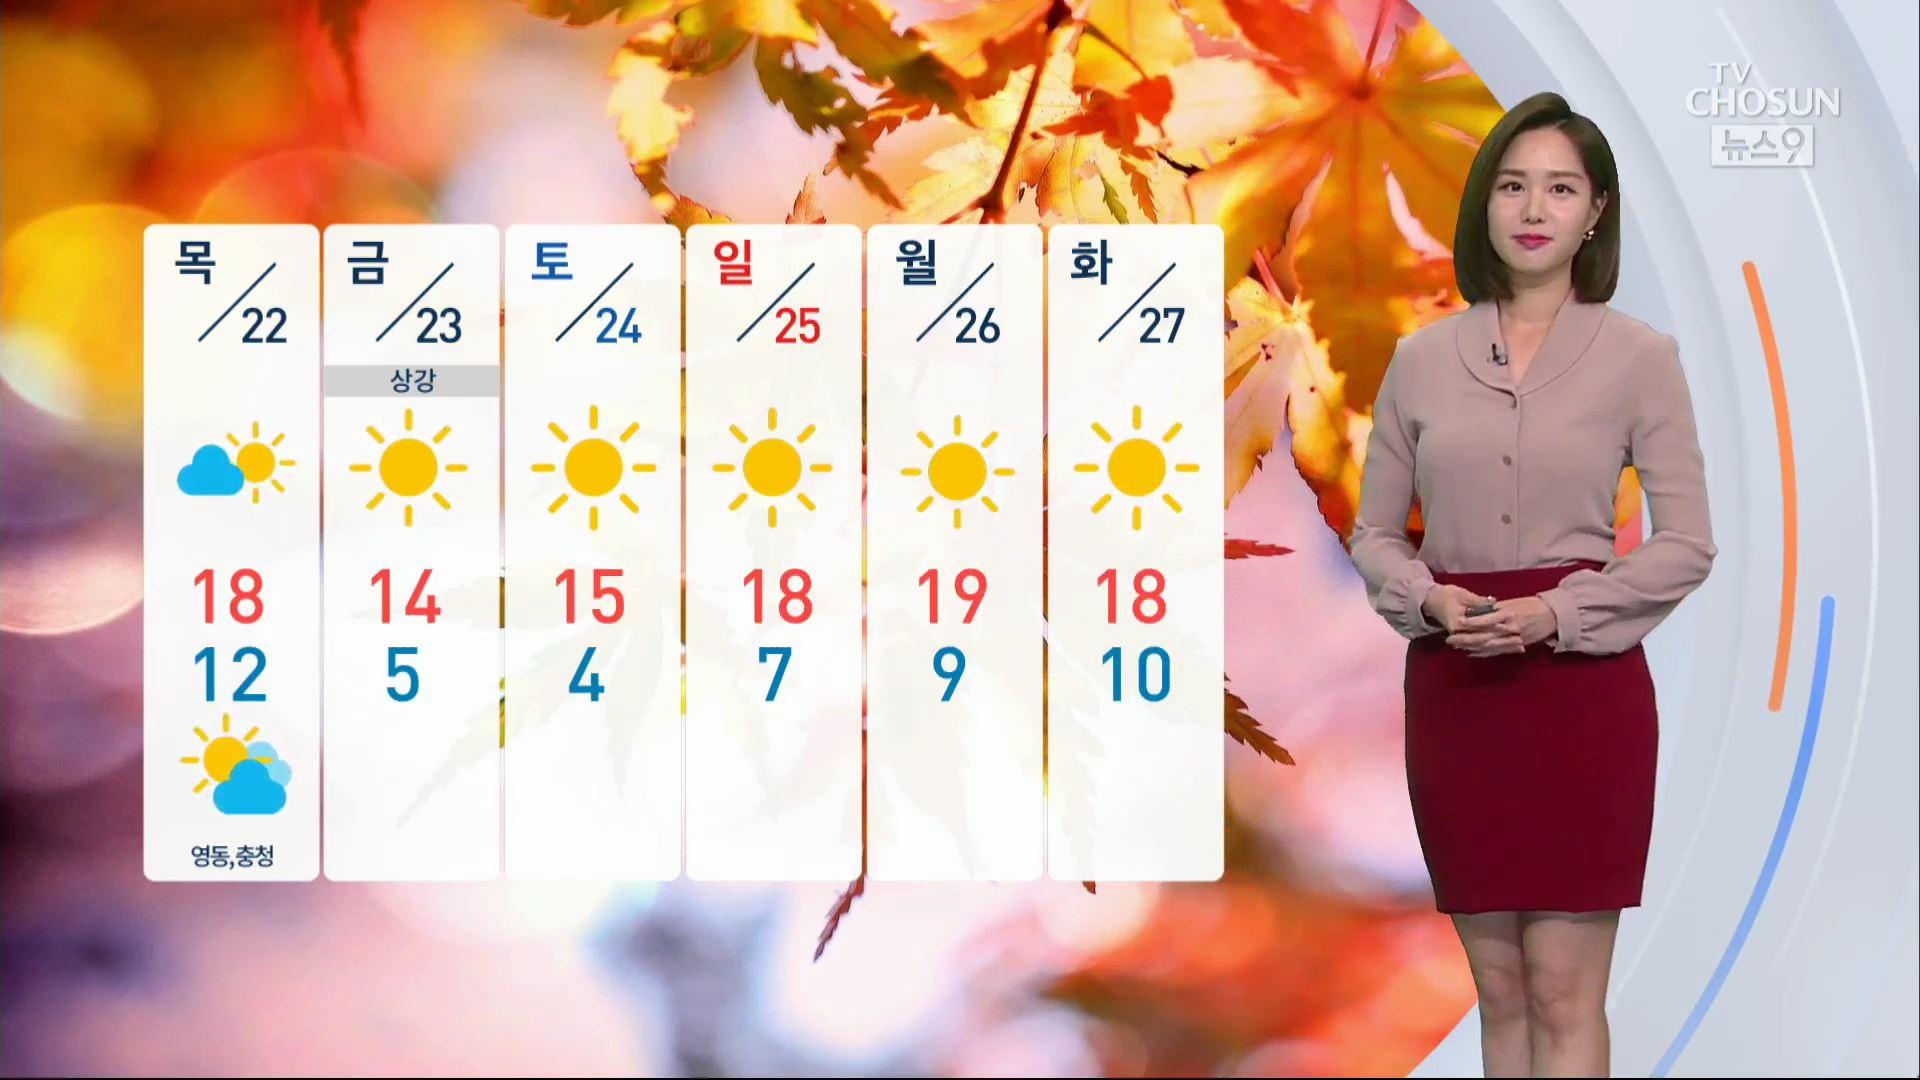 [날씨] 미세먼지 다시 기승…주 후반부턴 부쩍 추워져요